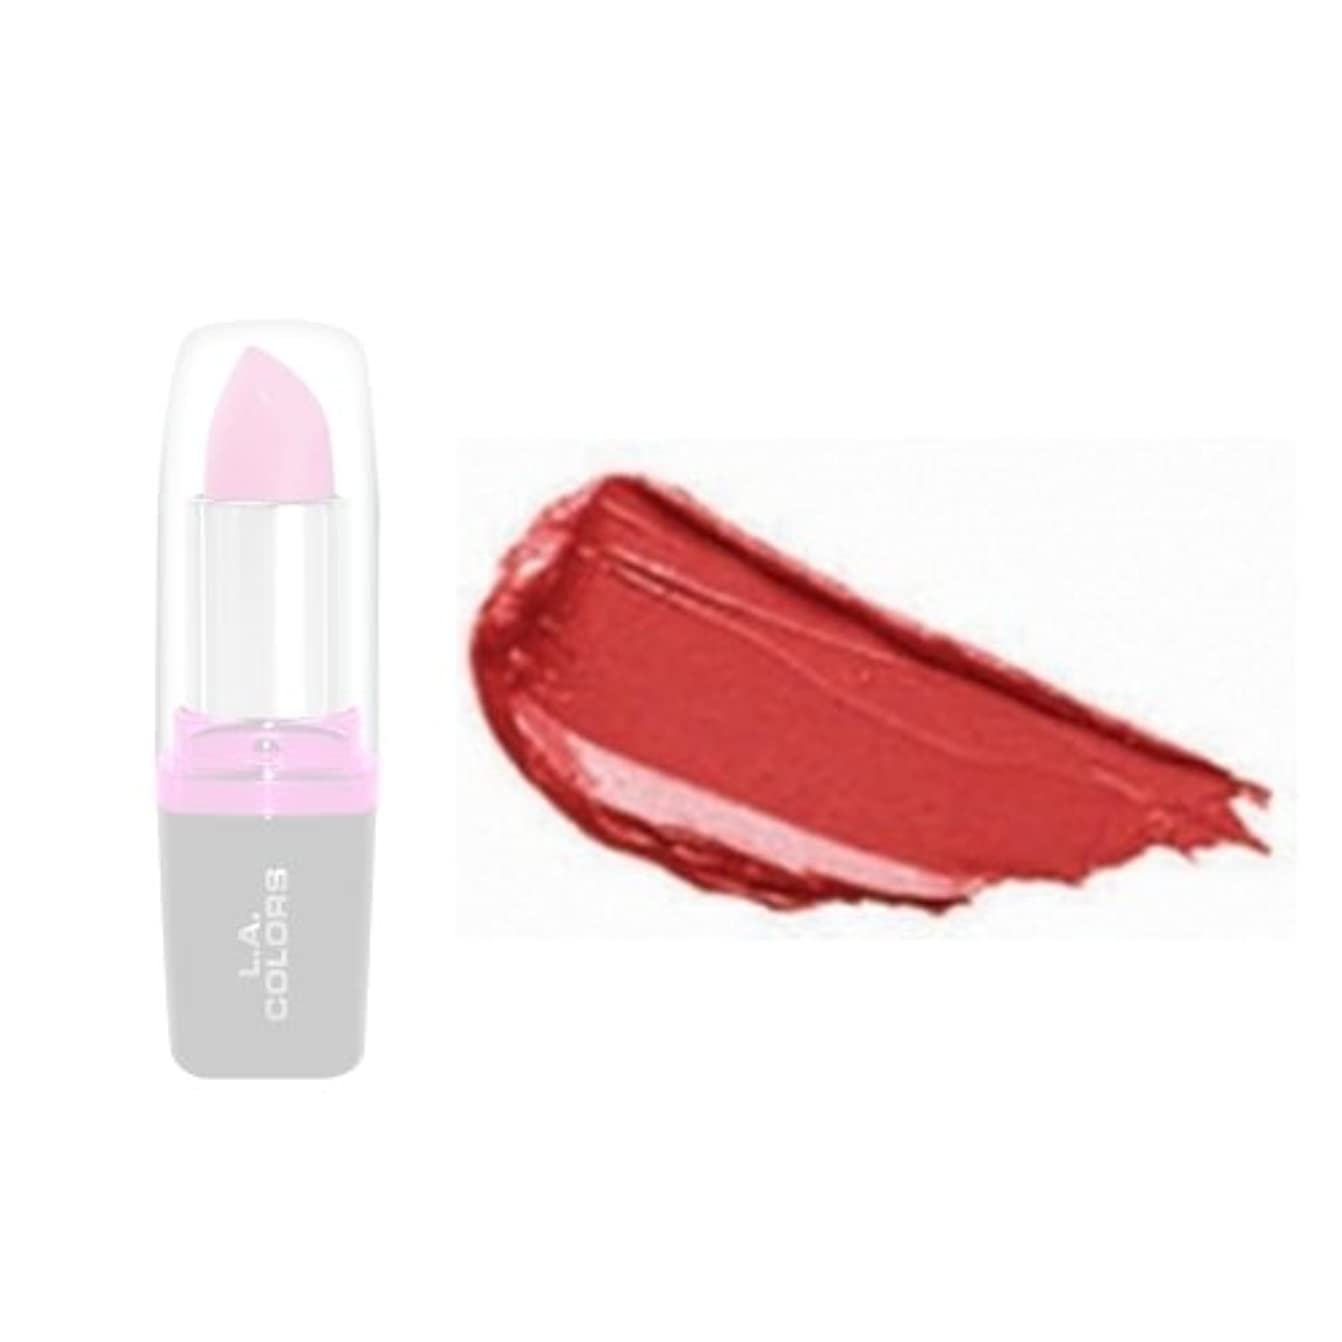 取るに足らないカウント権威(3 Pack) LA Colors Hydrating Lipstick - Red Velvet (並行輸入品)